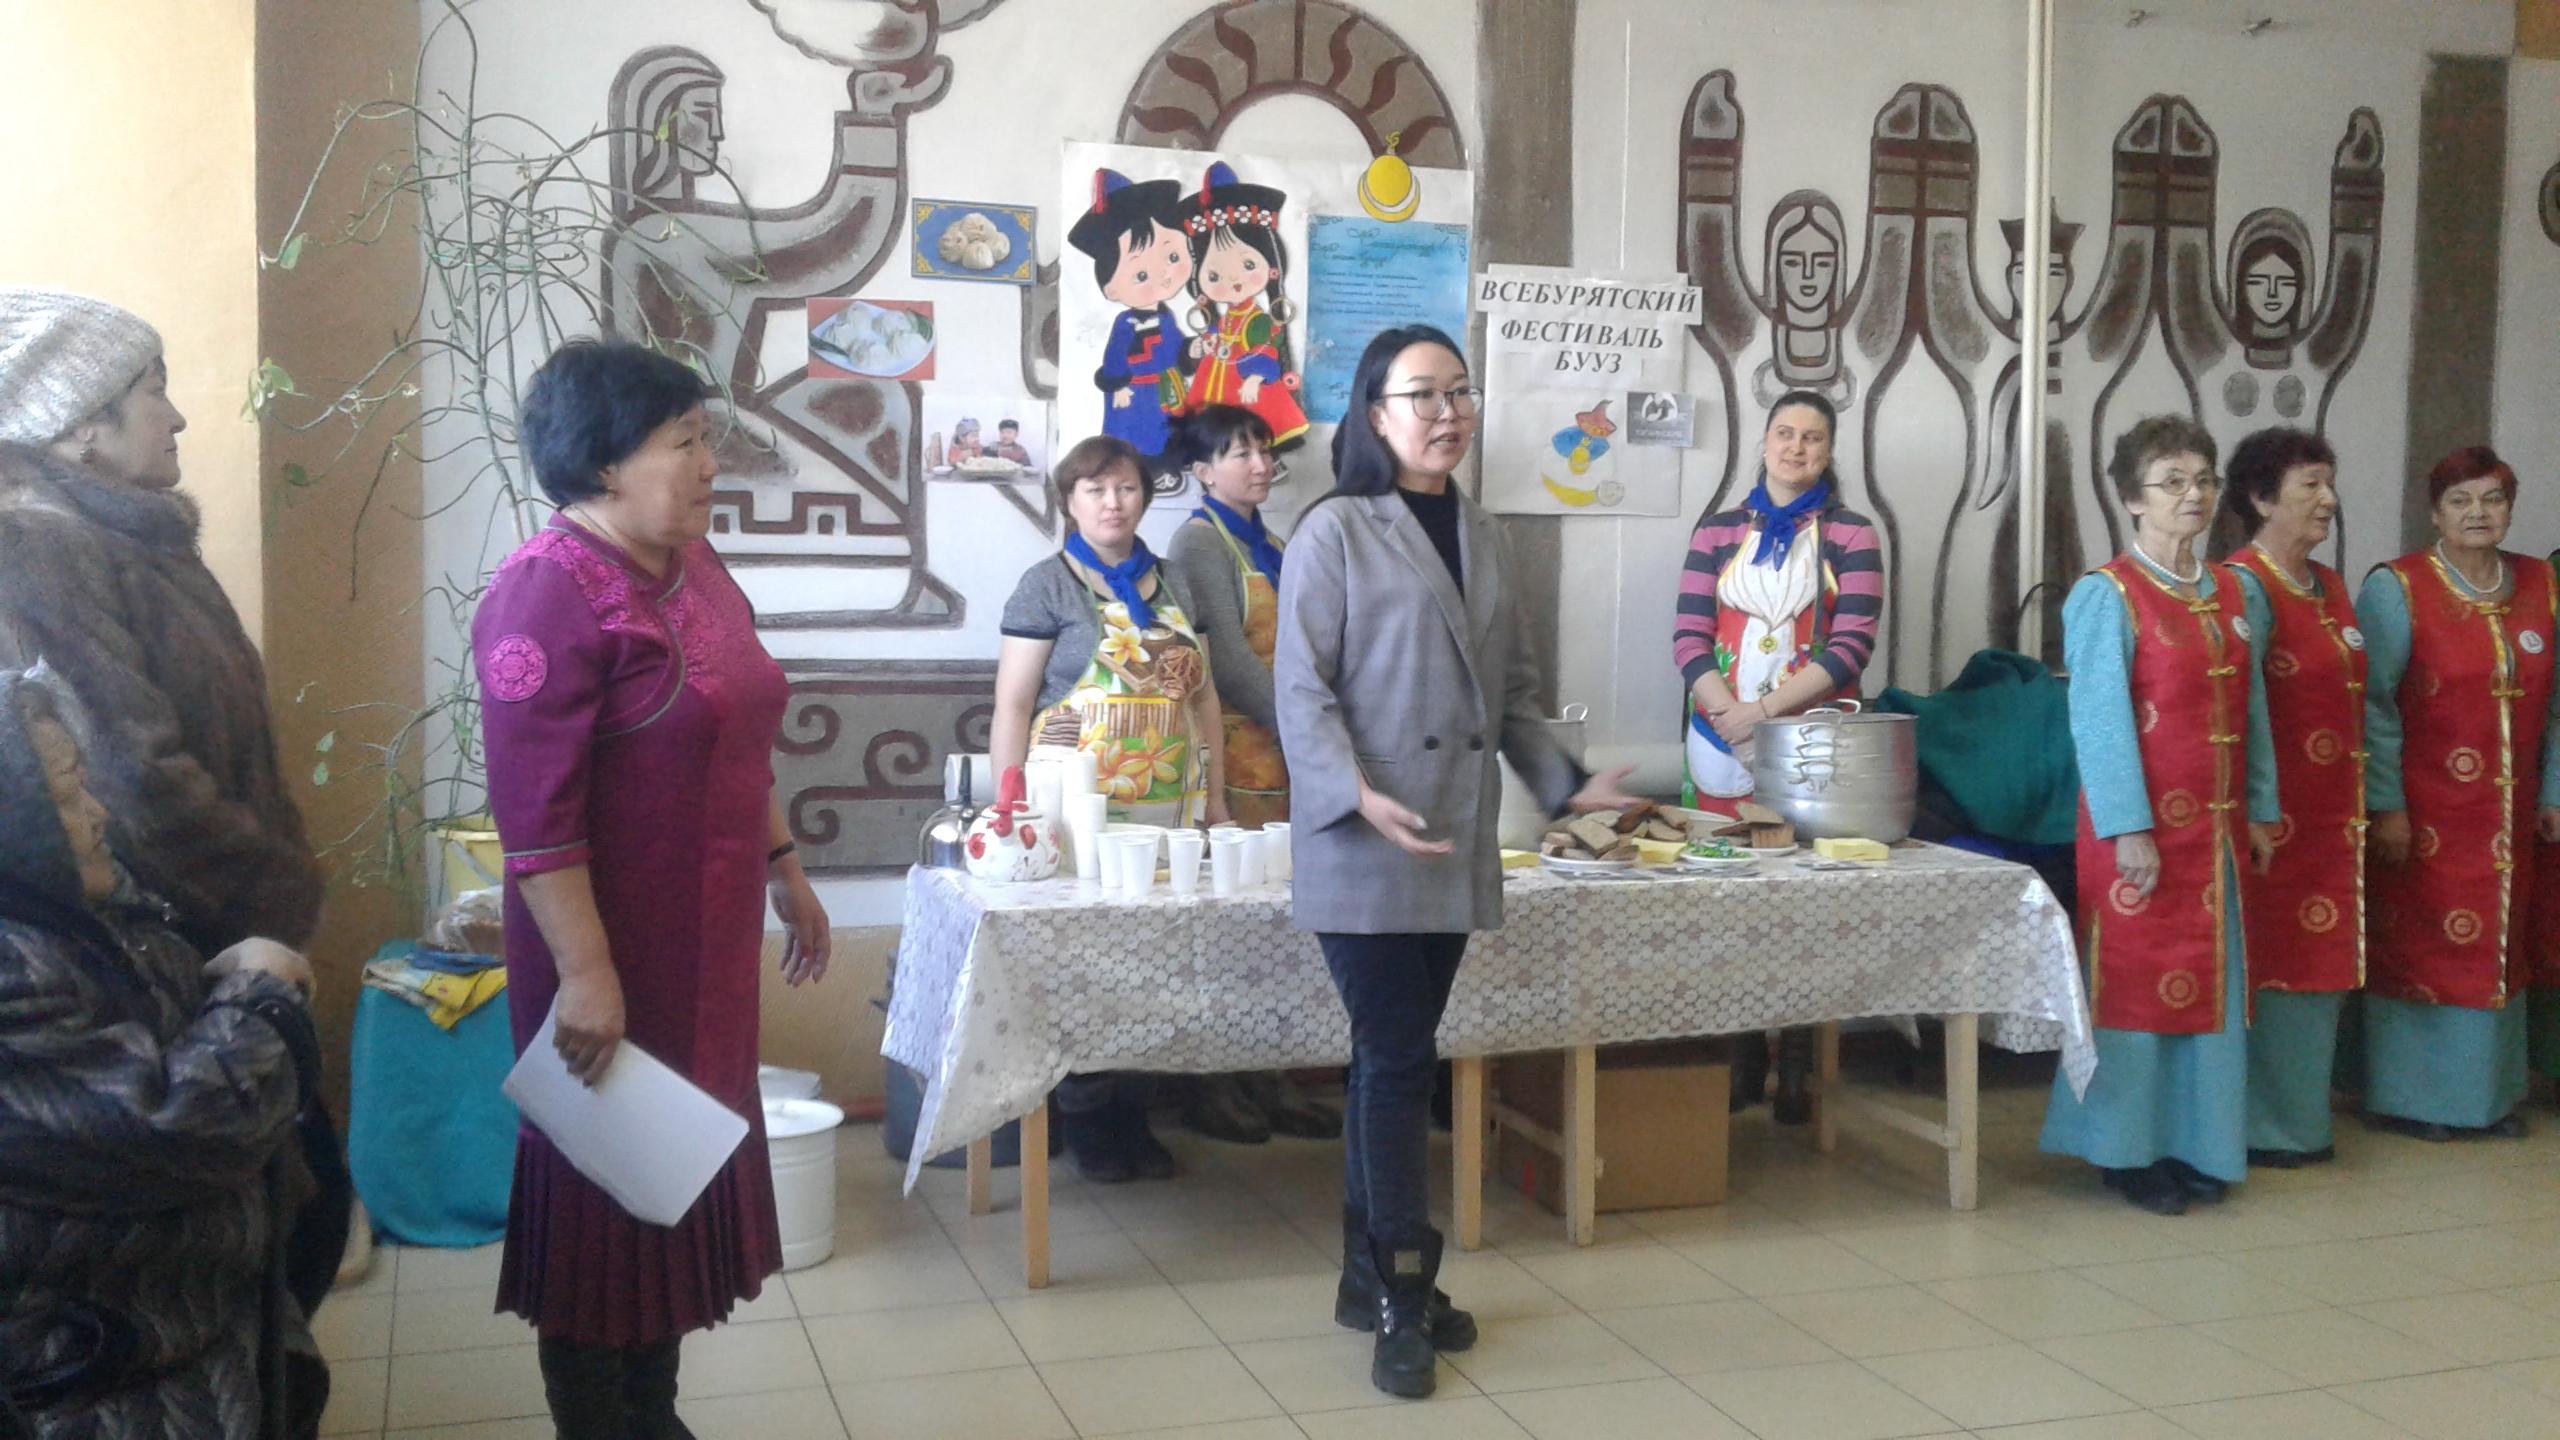 В рамках благотворительной акции члены Союза пенсионеров угощали буузами пожилых людей и многодетные семьи